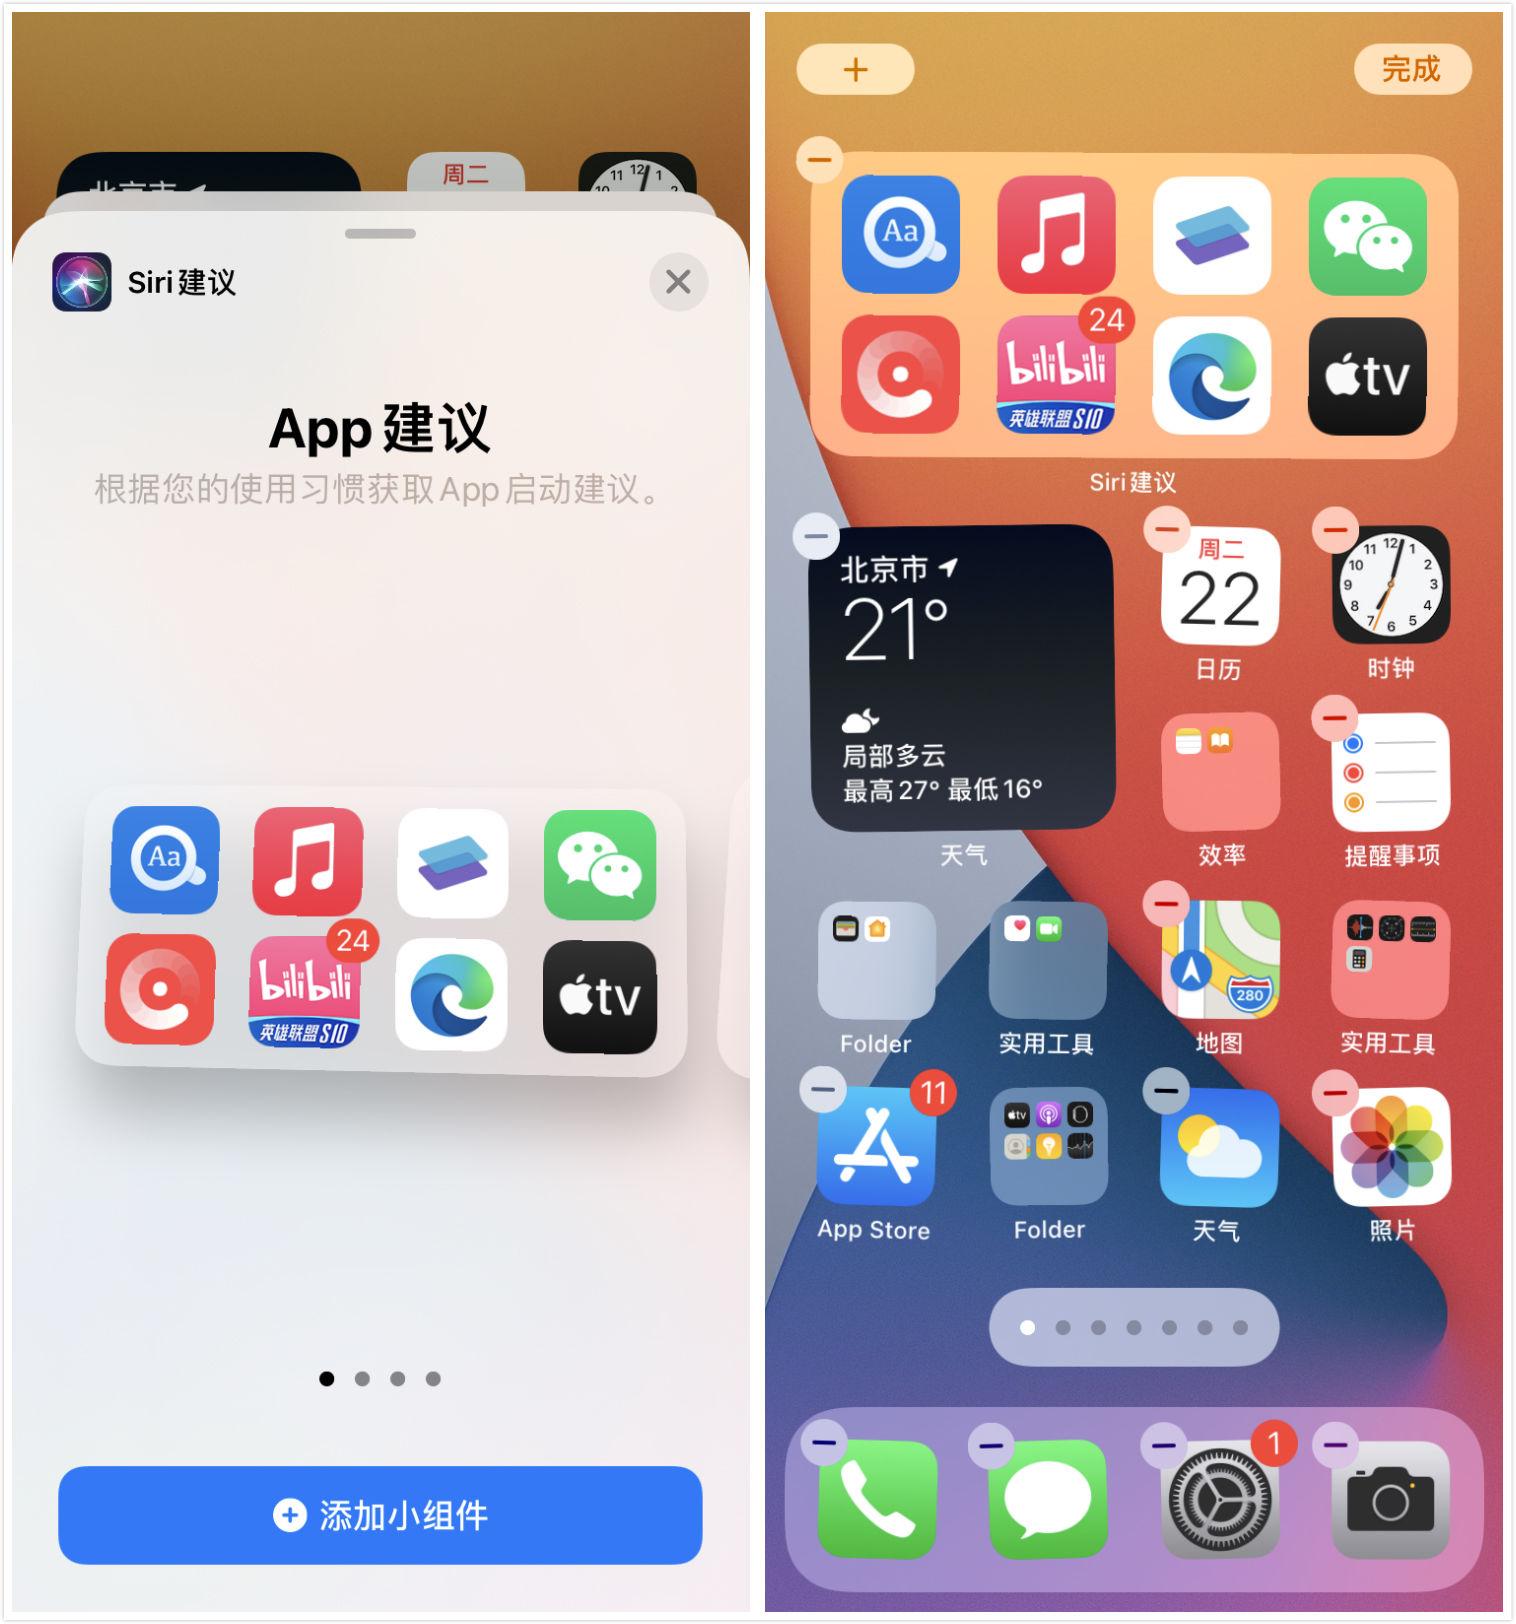 都2020年了,iOS14还能把「桌面小组件」玩出什么花样?